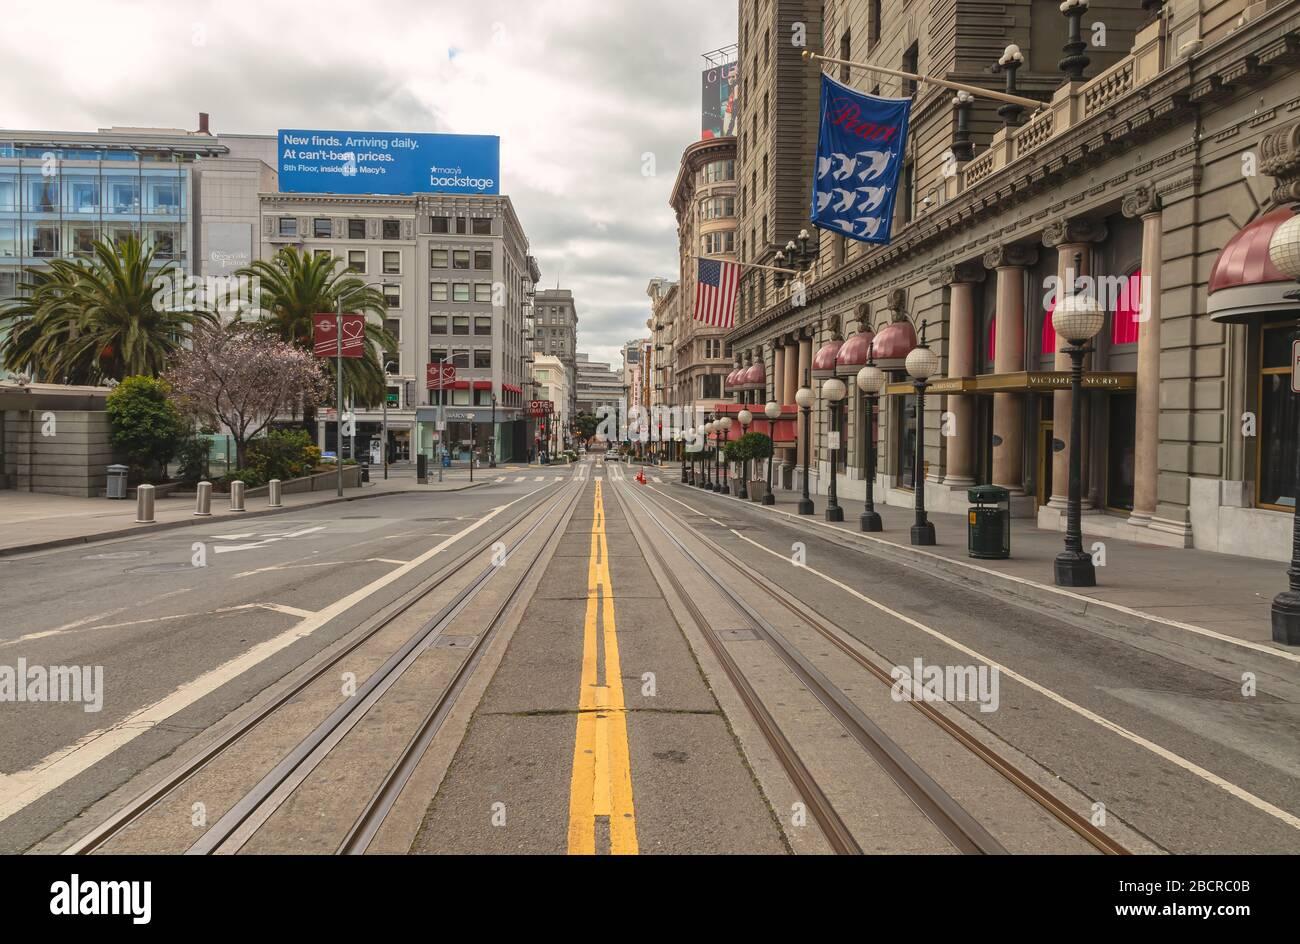 Powell Street al lado de la Union Square está vacía de turistas y tráfico durante el cierre de la ciudad debido a la pandemia de COVID-19, San Francisco, California, EE.UU. Foto de stock